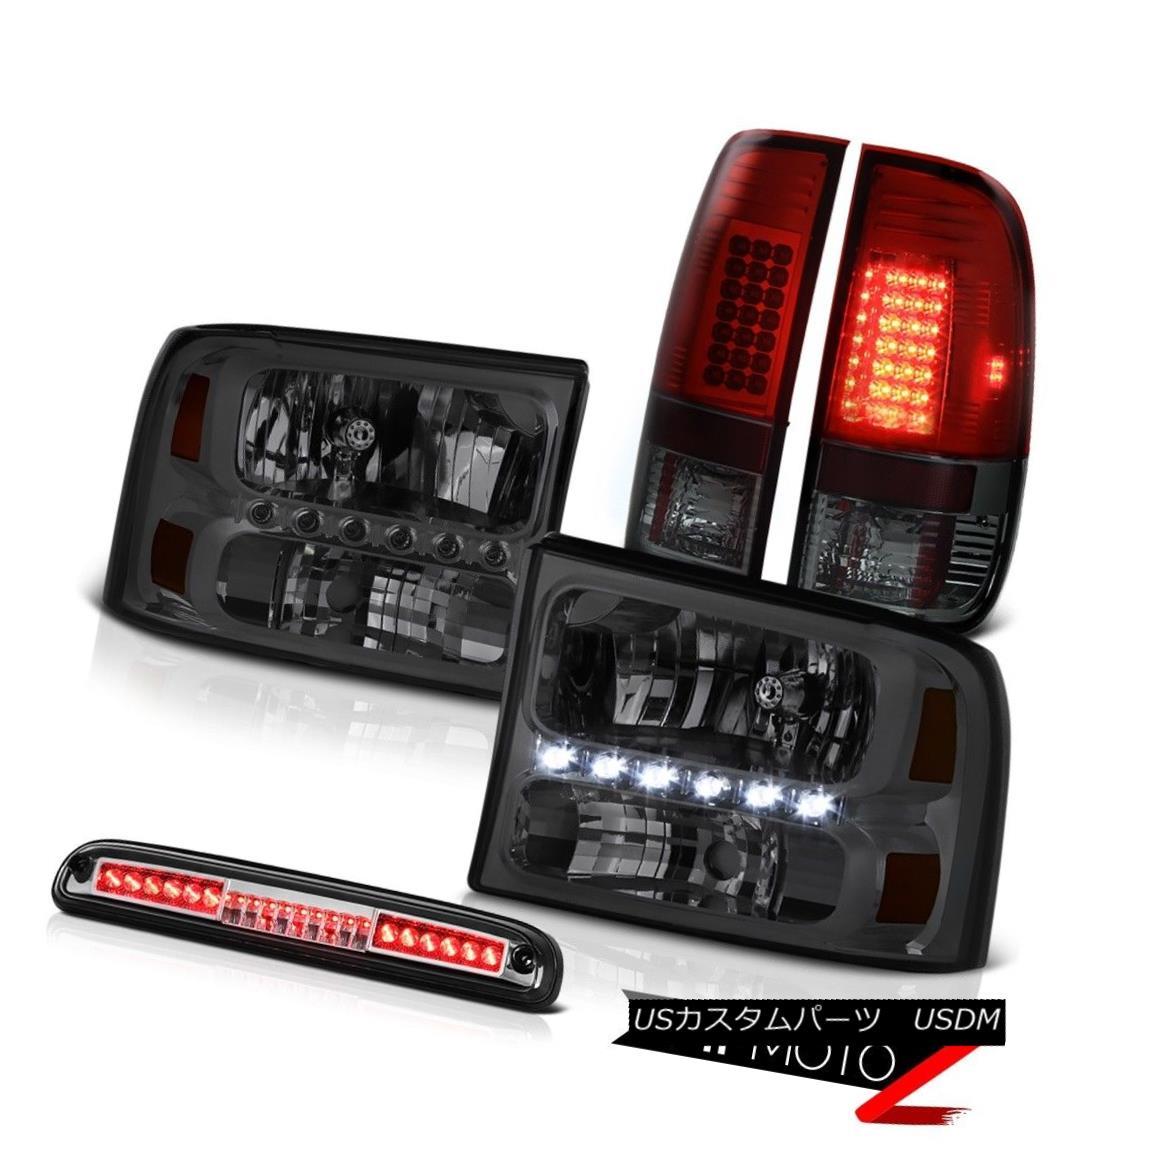 テールライト Left Right Smoke Headlight Red TailLight Roof Brake 99-04 F350 Harley Davidson 左右煙ヘッドライト赤テールライトルーフブレーキ99-04 F350ハーレーダビッドソン